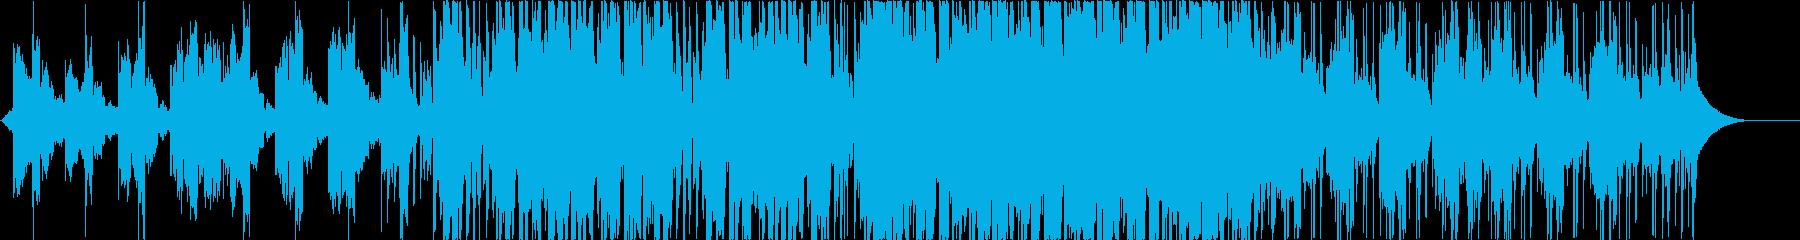 ほのぼのサマー夏の日_Vo Shortの再生済みの波形